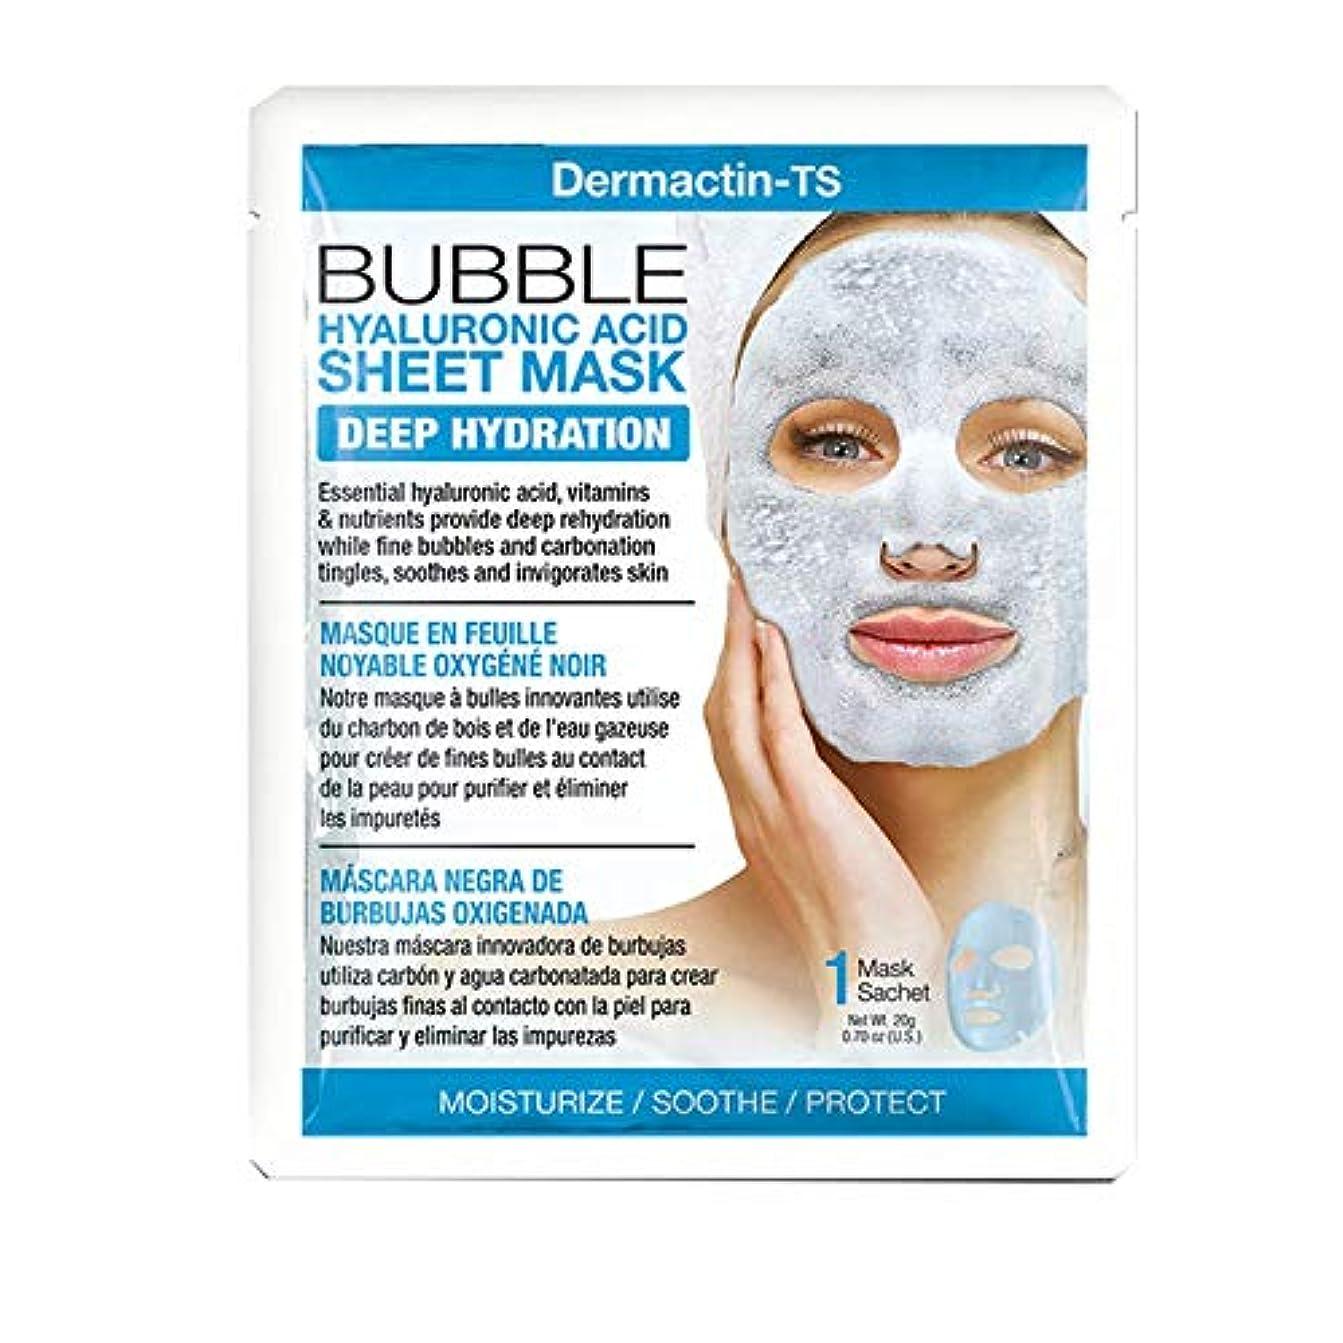 見せます参加する空のDermactin-TS バブルヒアルロン酸シートマスク (並行輸入品)